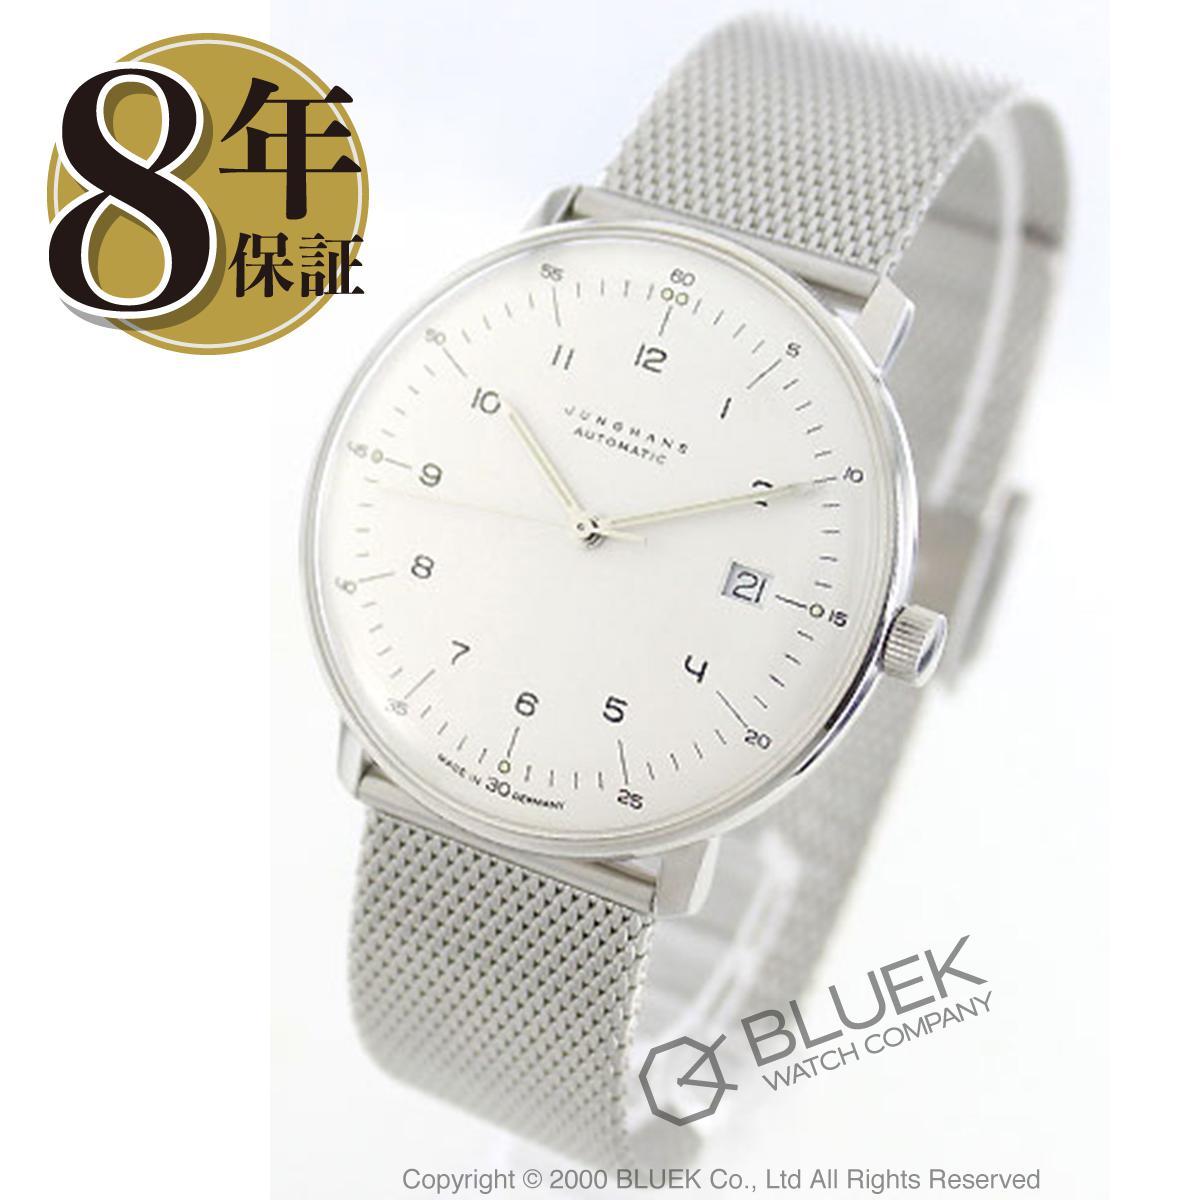 ユンハンス マックスビル 腕時計 メンズ JUNGHANS 027/4700.00M_8 バーゲン 成人祝い ギフト プレゼント